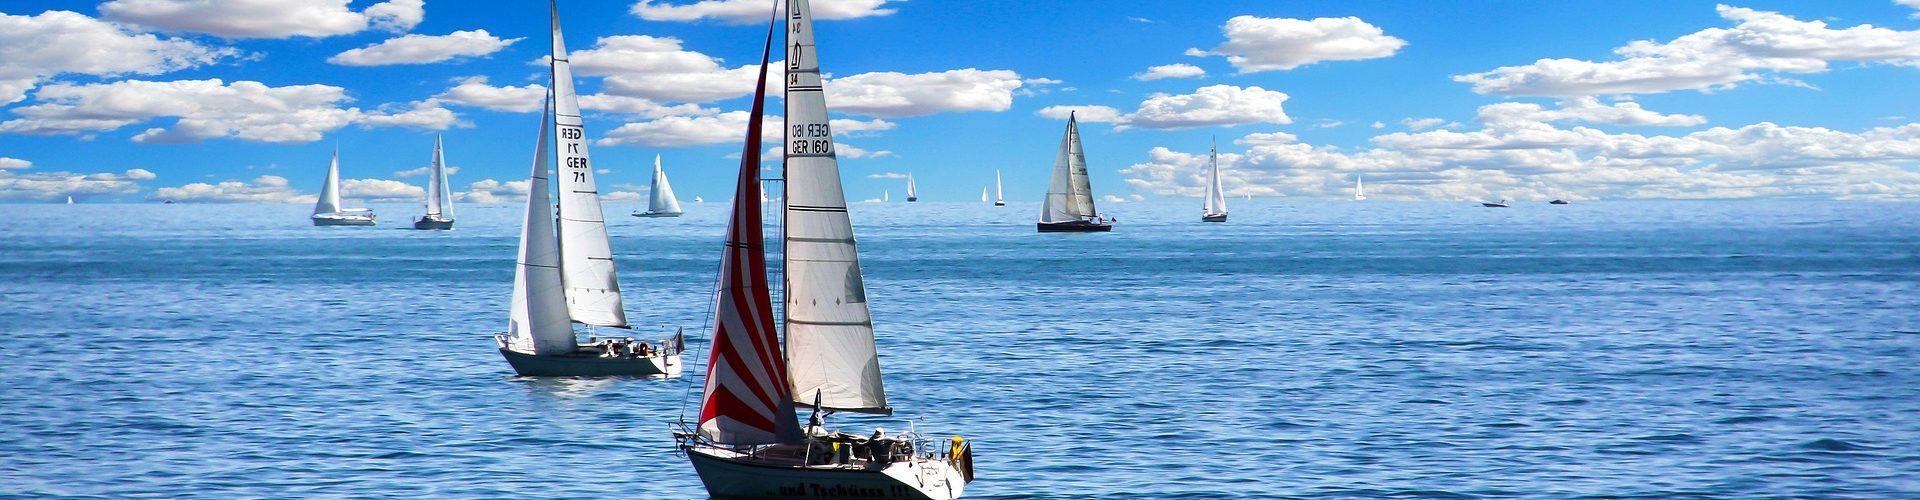 segeln lernen in Grevesmühlen segelschein machen in Grevesmühlen 1920x500 - Segeln lernen in Grevesmühlen